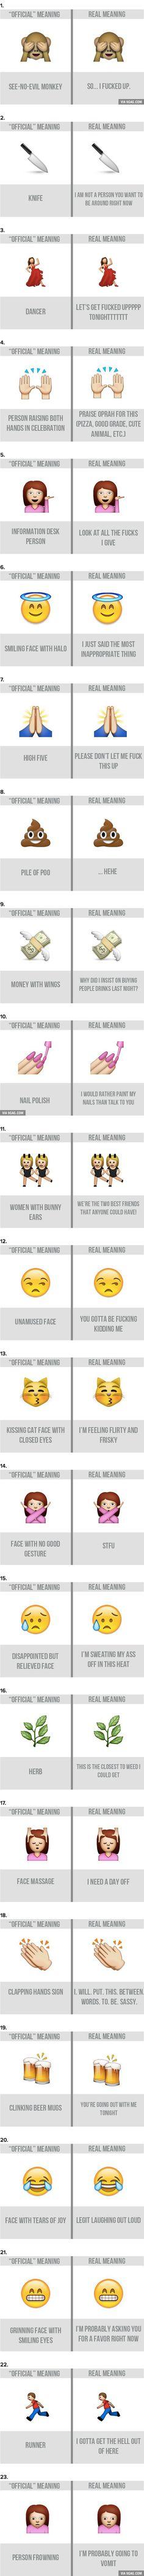 21 Best EMOJI MEANINGS images in 2015 | Emoji faces, Emoji stuff